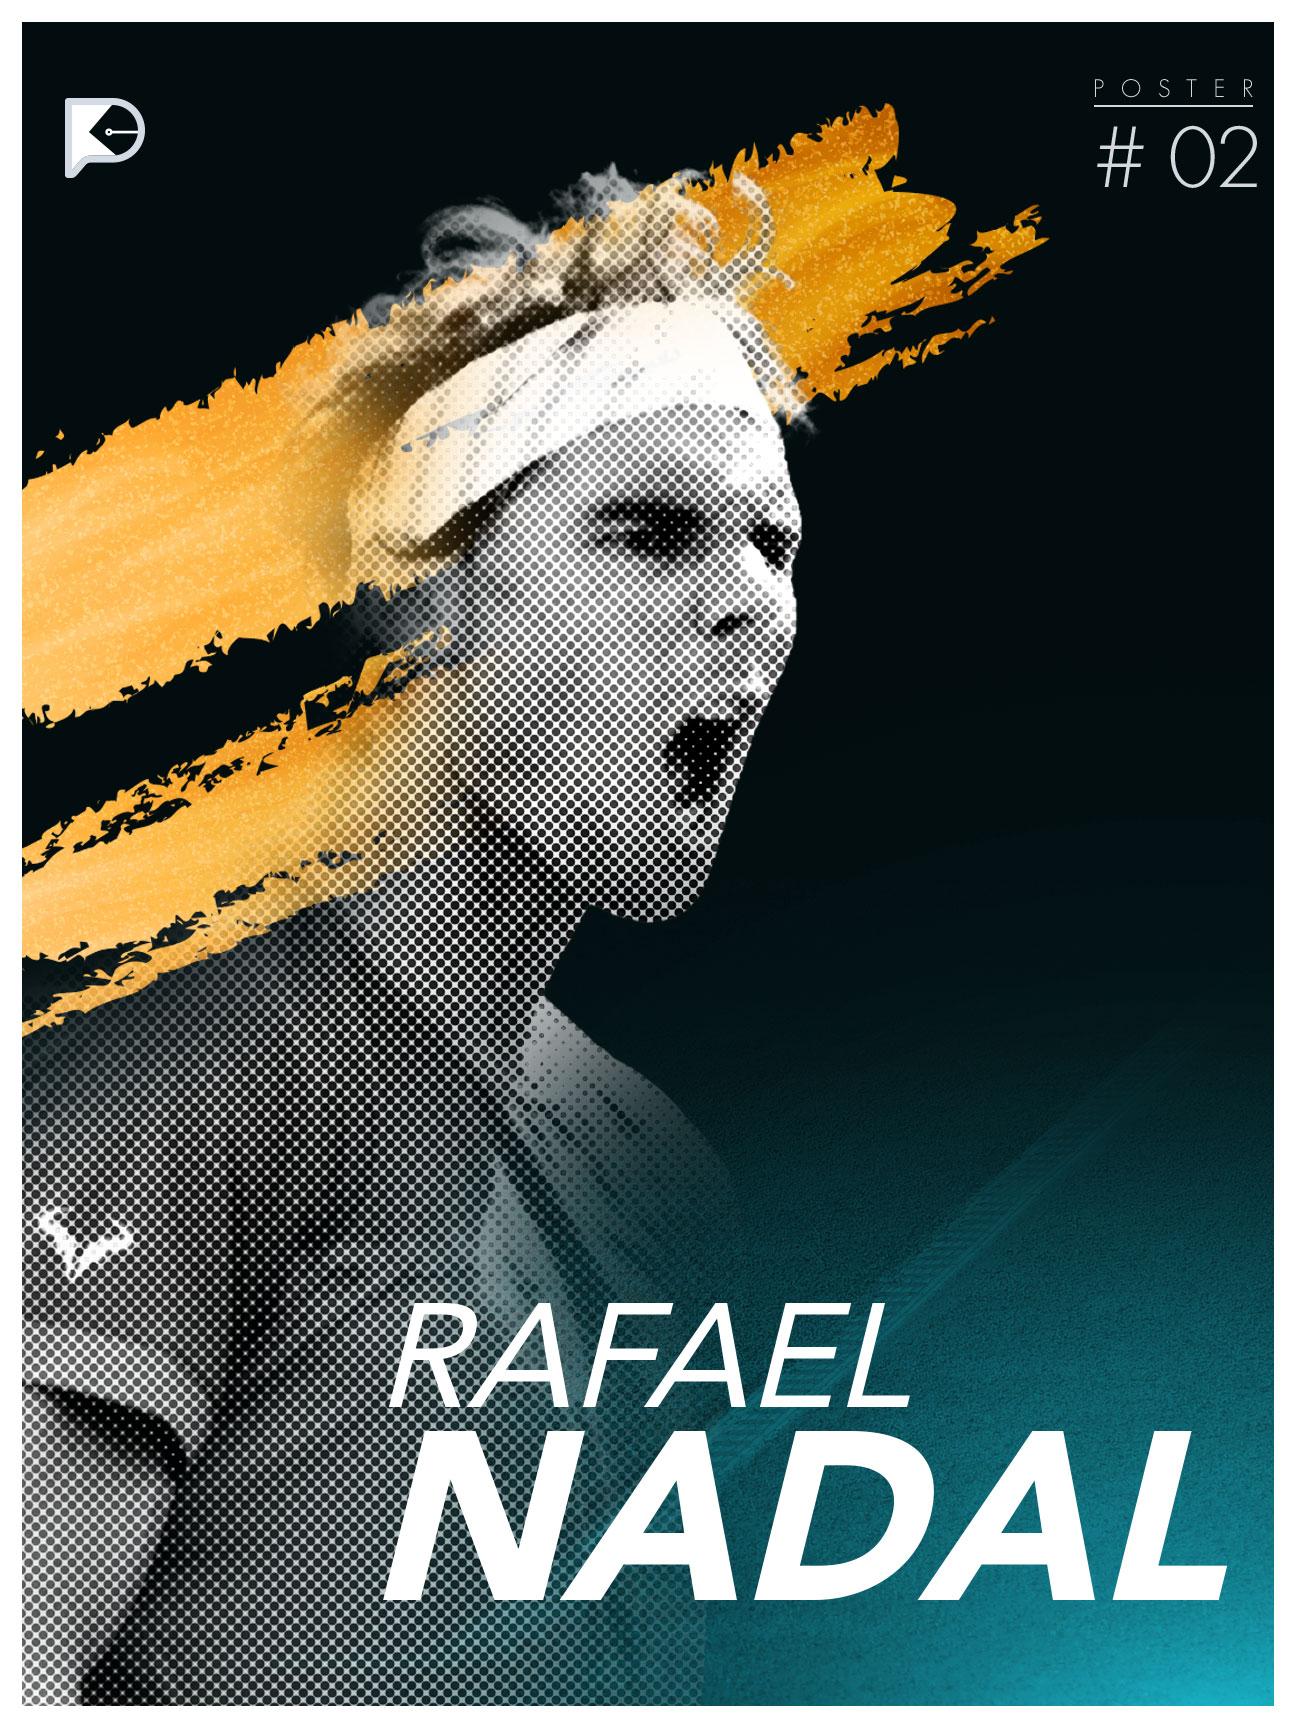 02 - Rafael Nadal